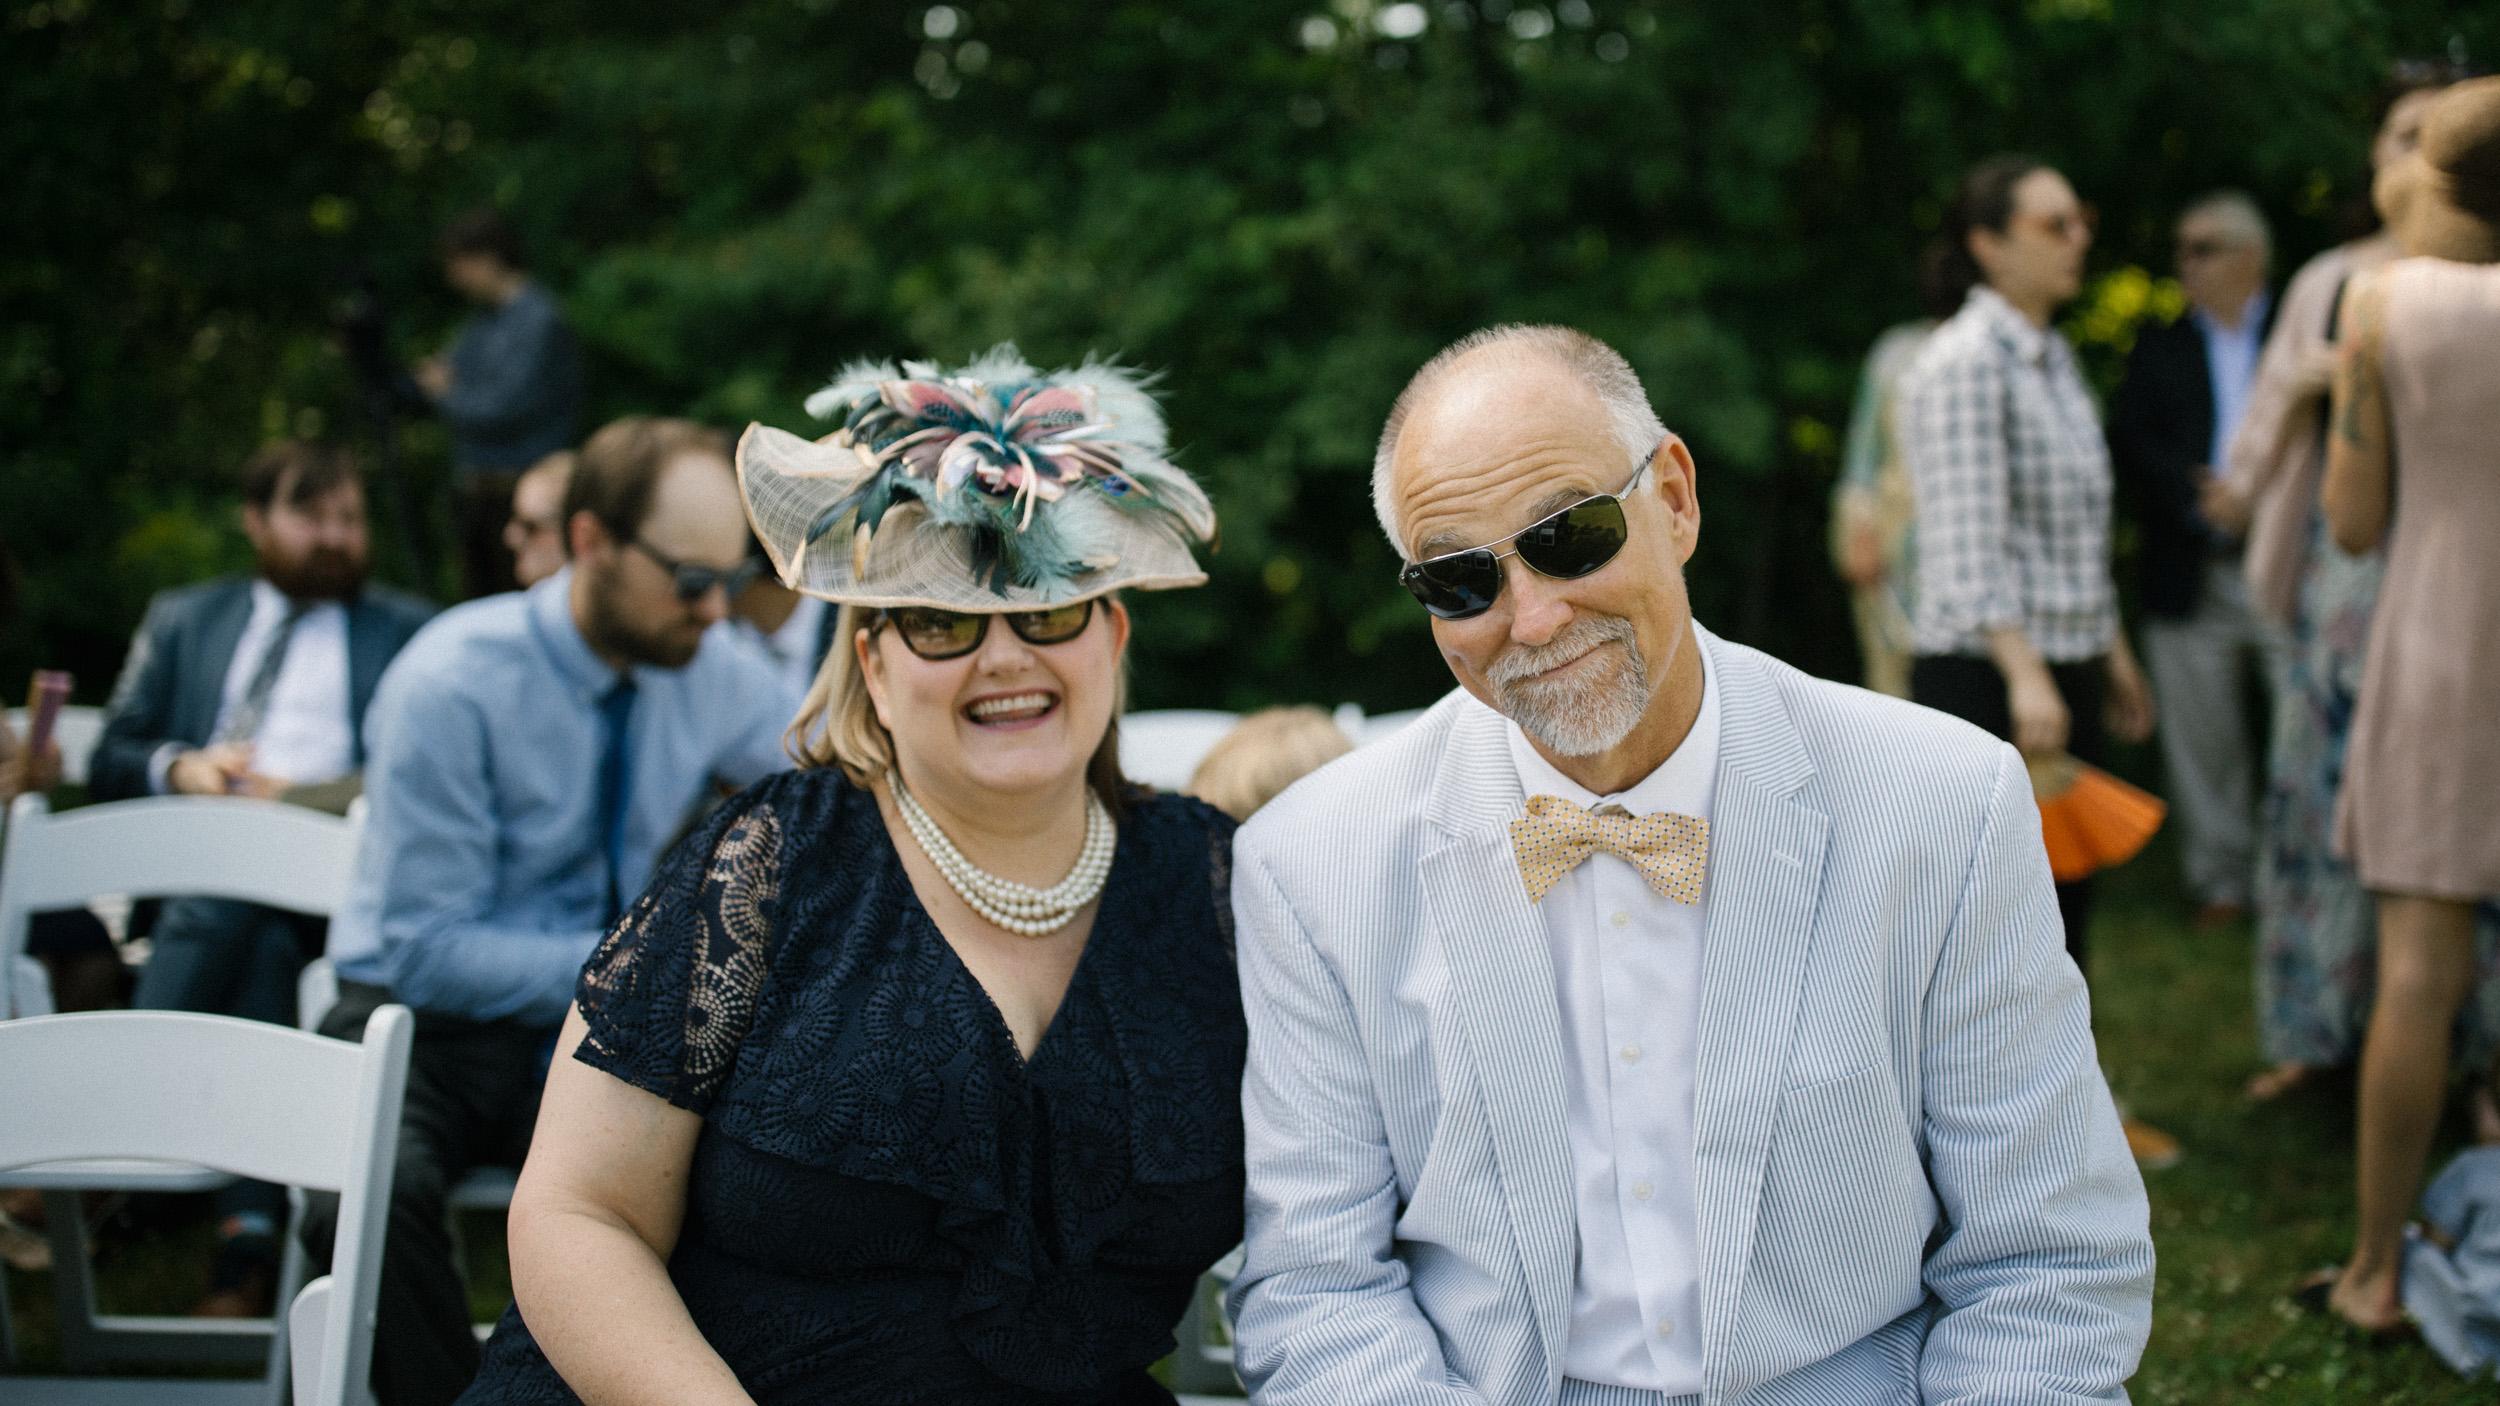 alec_vanderboom_vermont_wedding_photography-0078.jpg